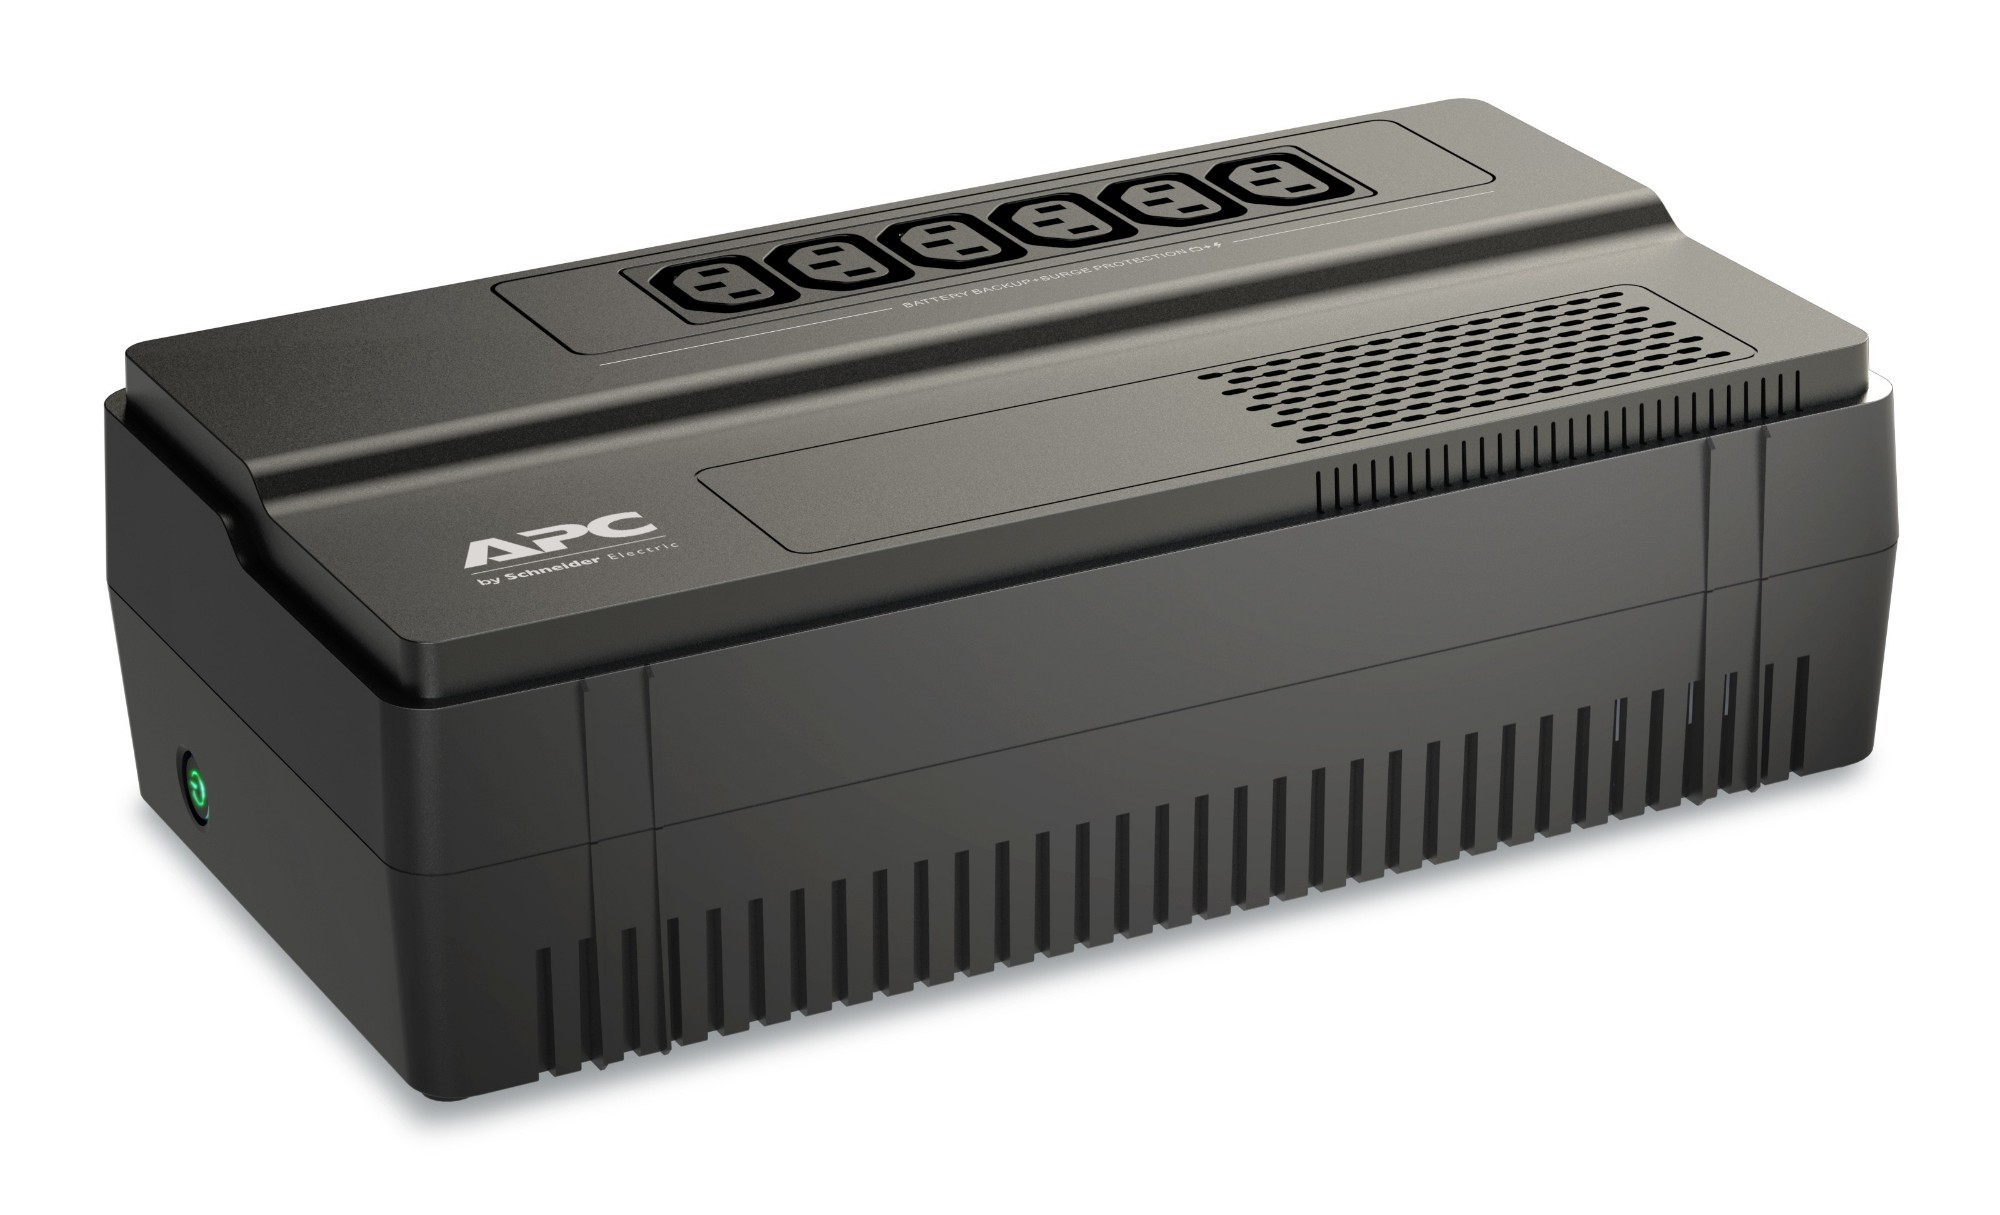 APC BV500I sistema de alimentación ininterrumpida (UPS) Línea interactiva 500 VA 300 W 1 salidas AC